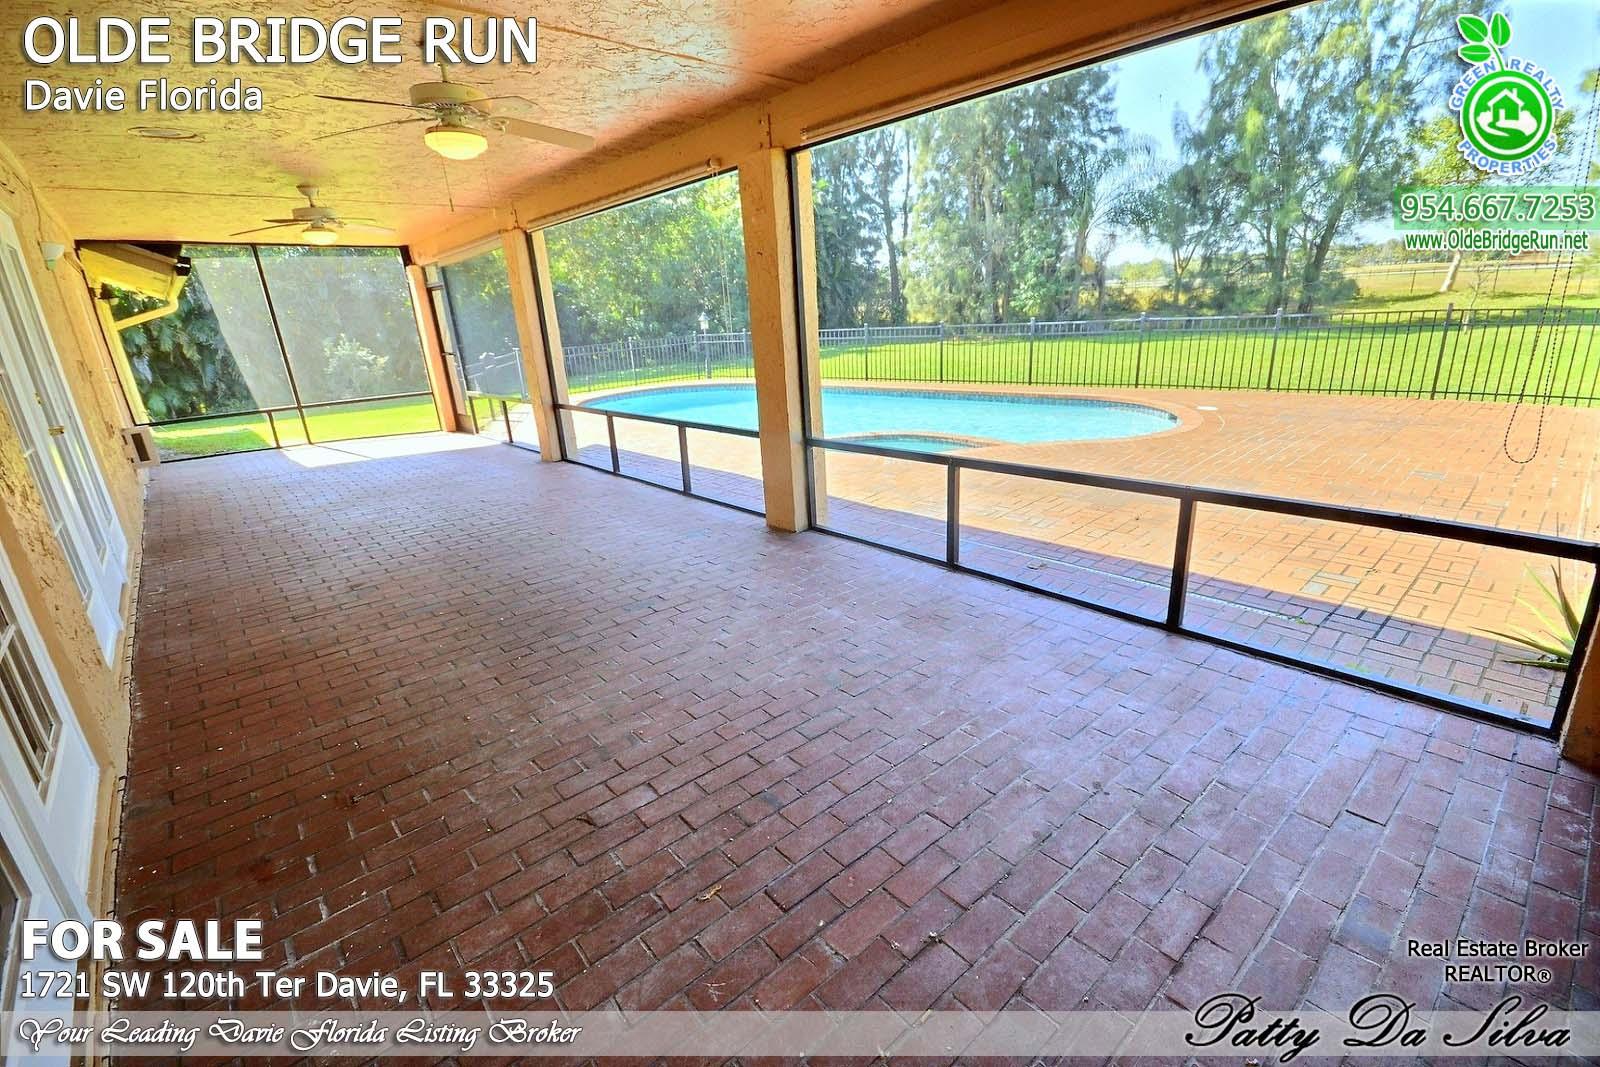 Olde Bridge Run Homes in Davie FL (7)